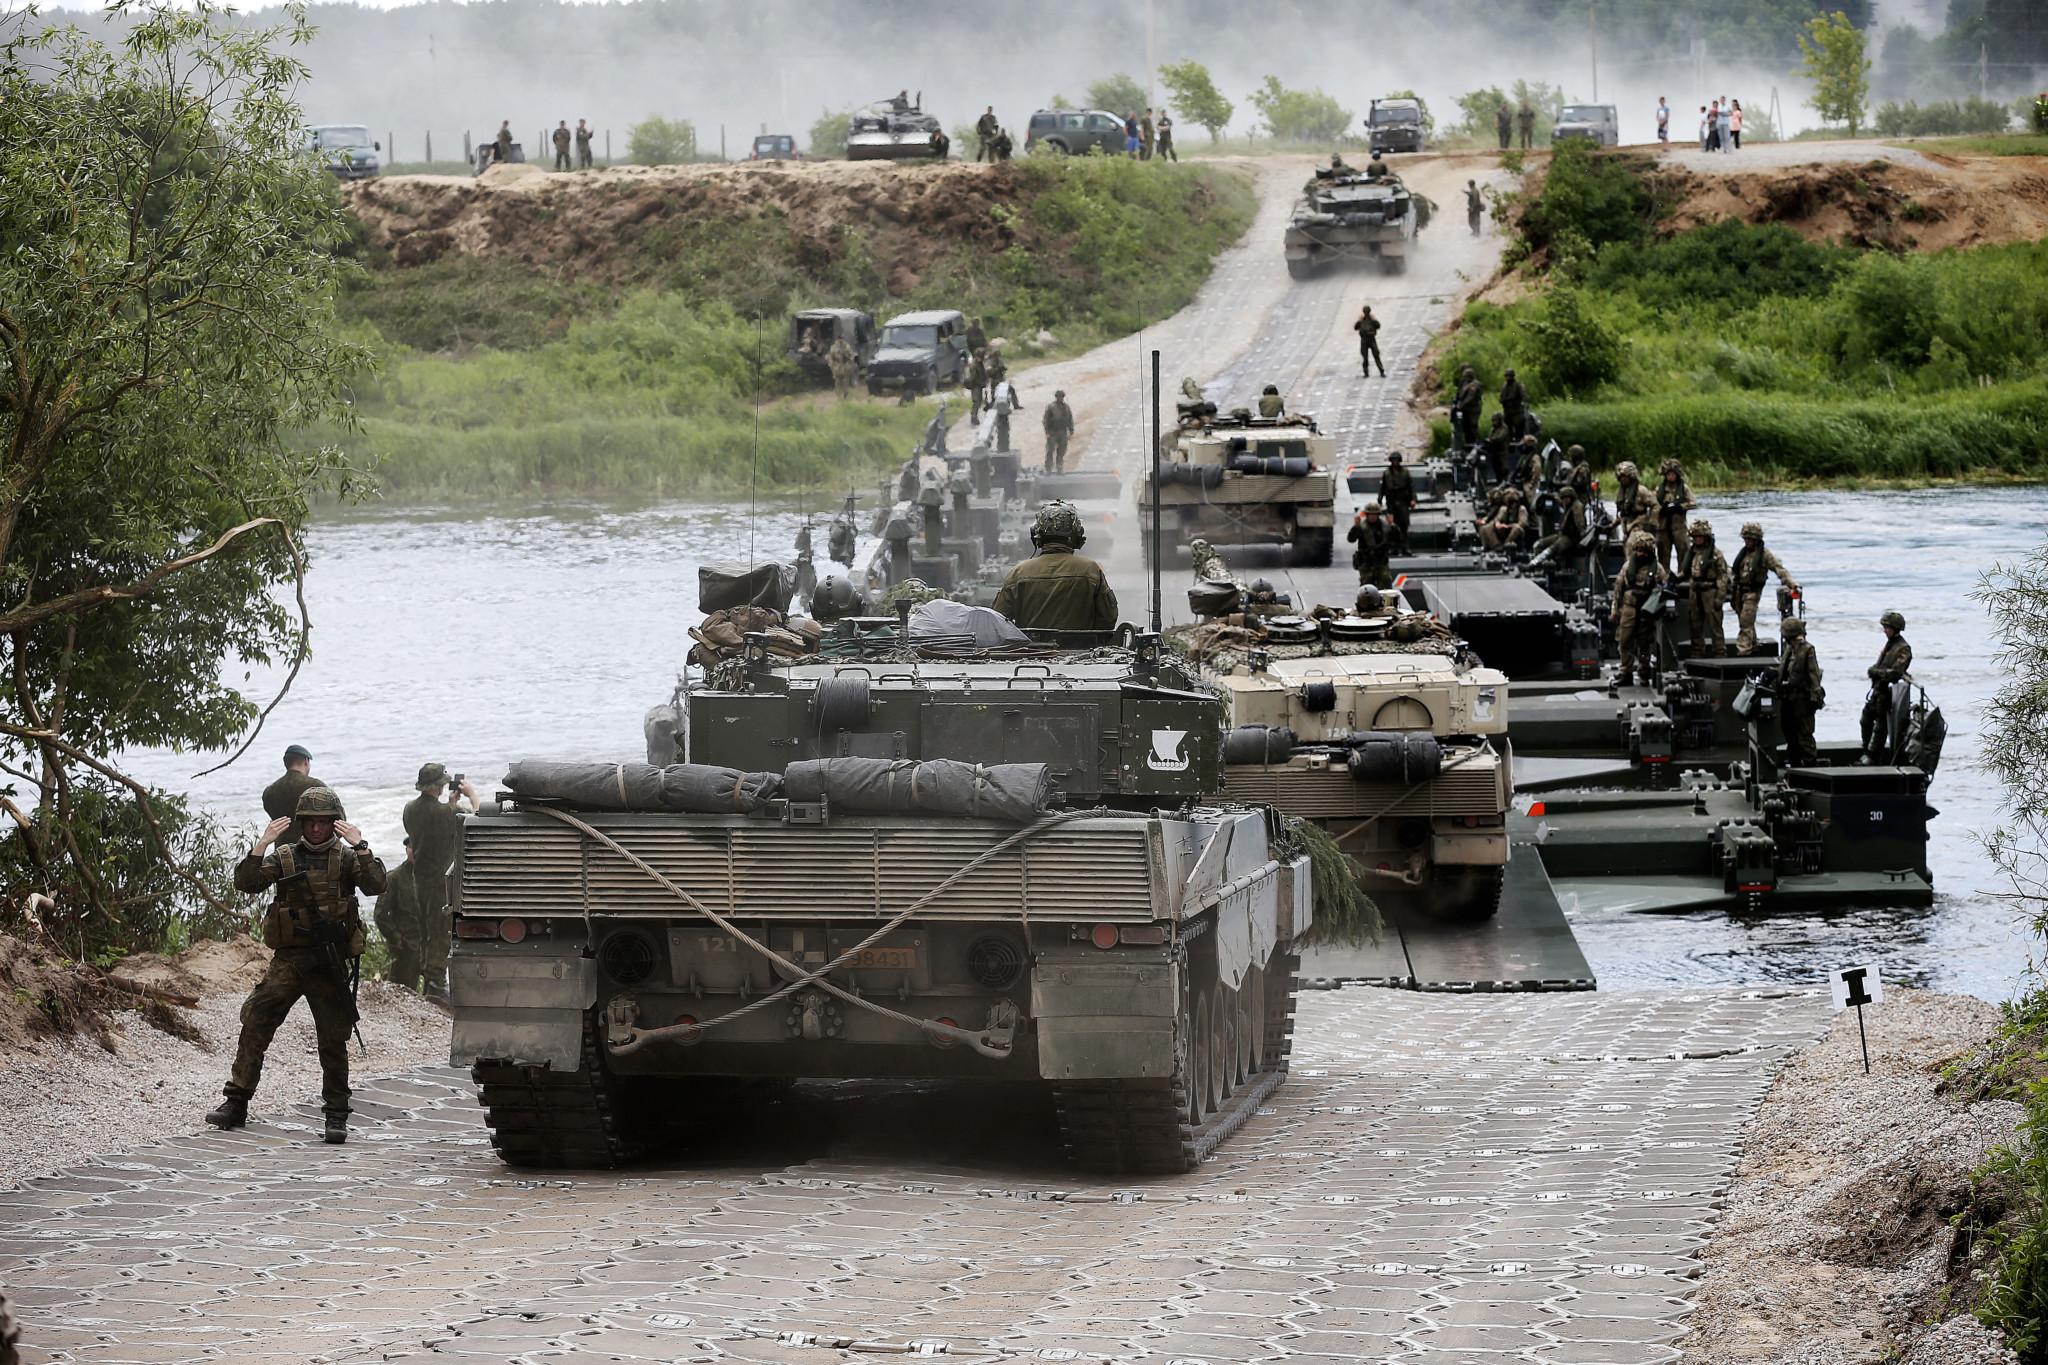 Norge kan få problemer med NATO-oppdrag